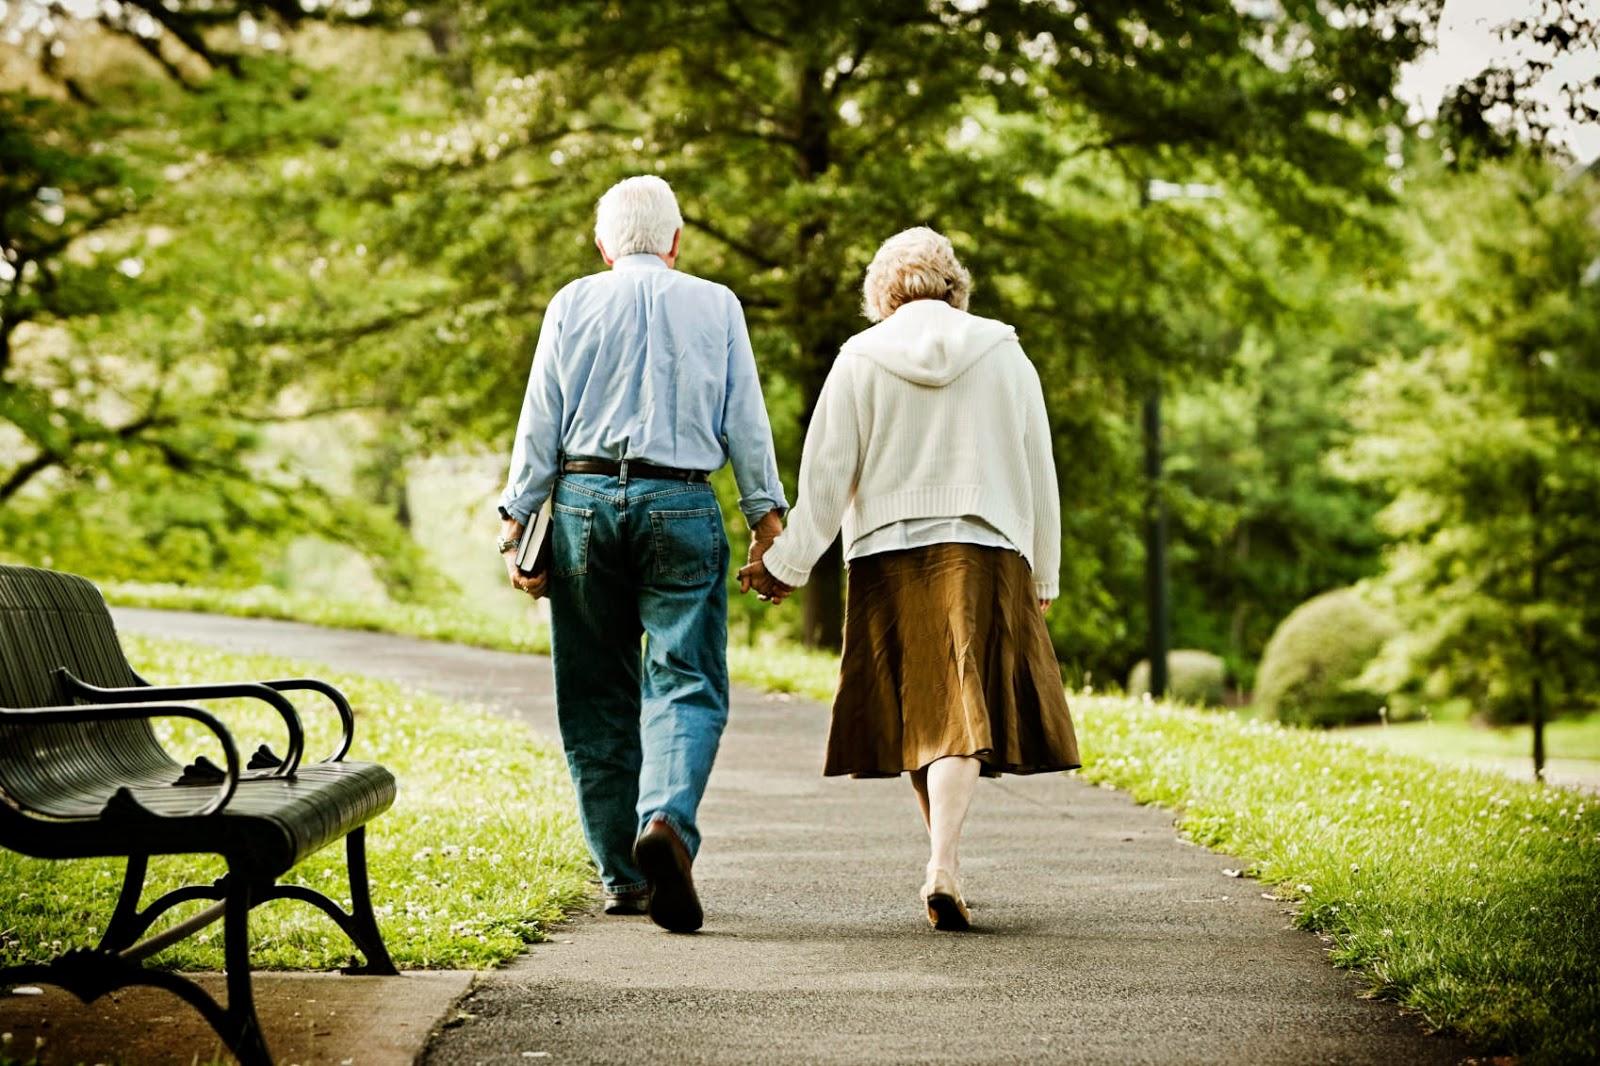 Dor nas pernas para andar pode ser sinal de obstrução das artérias